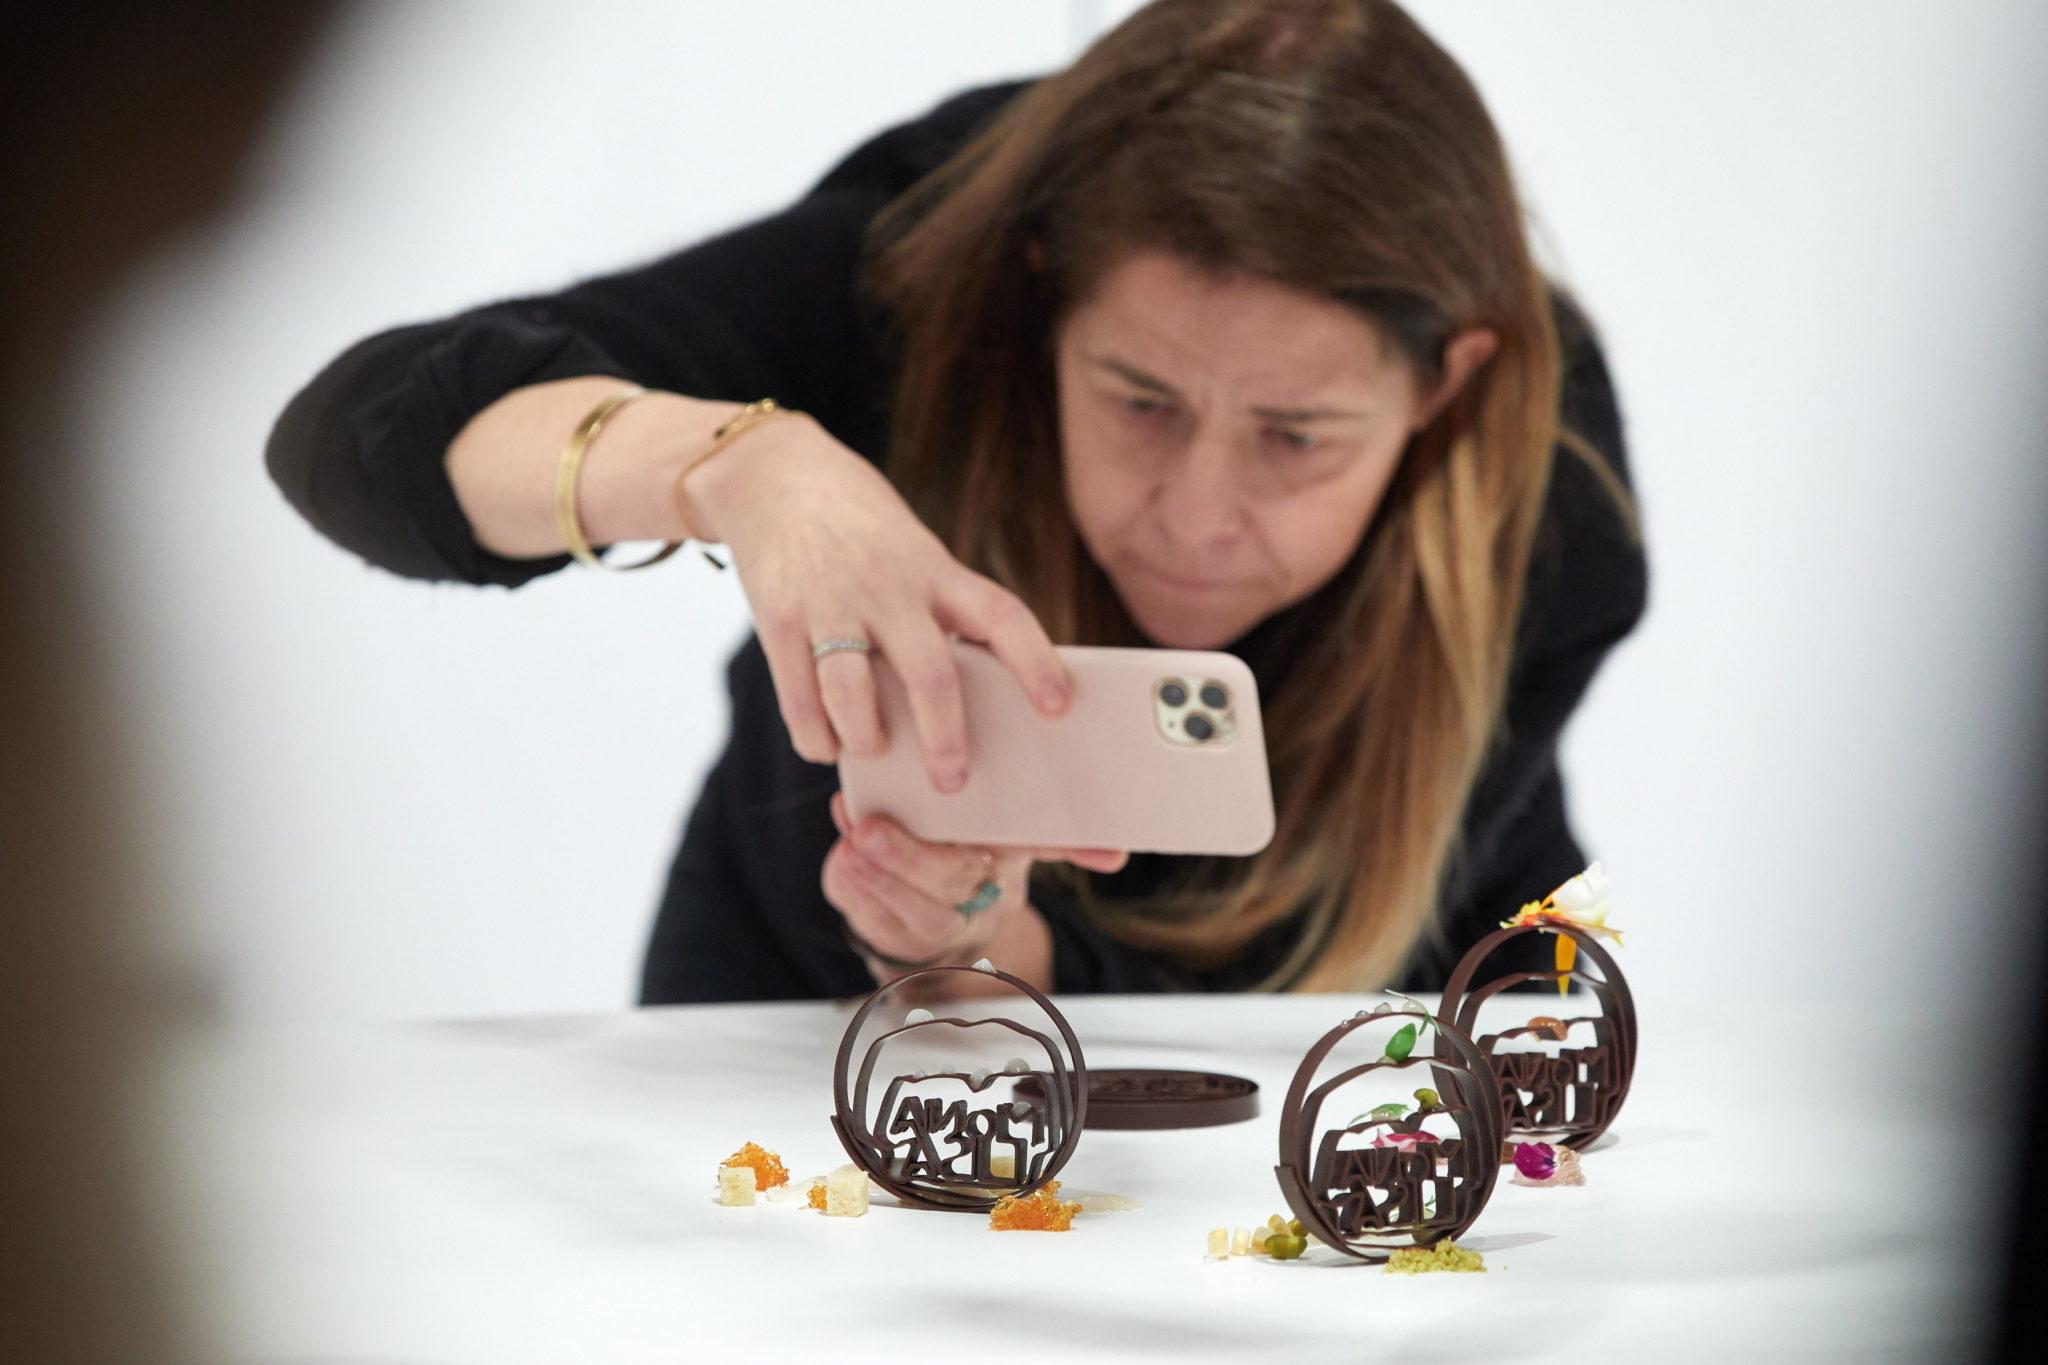 Targi czekolady w Brukseli. Fot. EPA/DAVID BORRAT